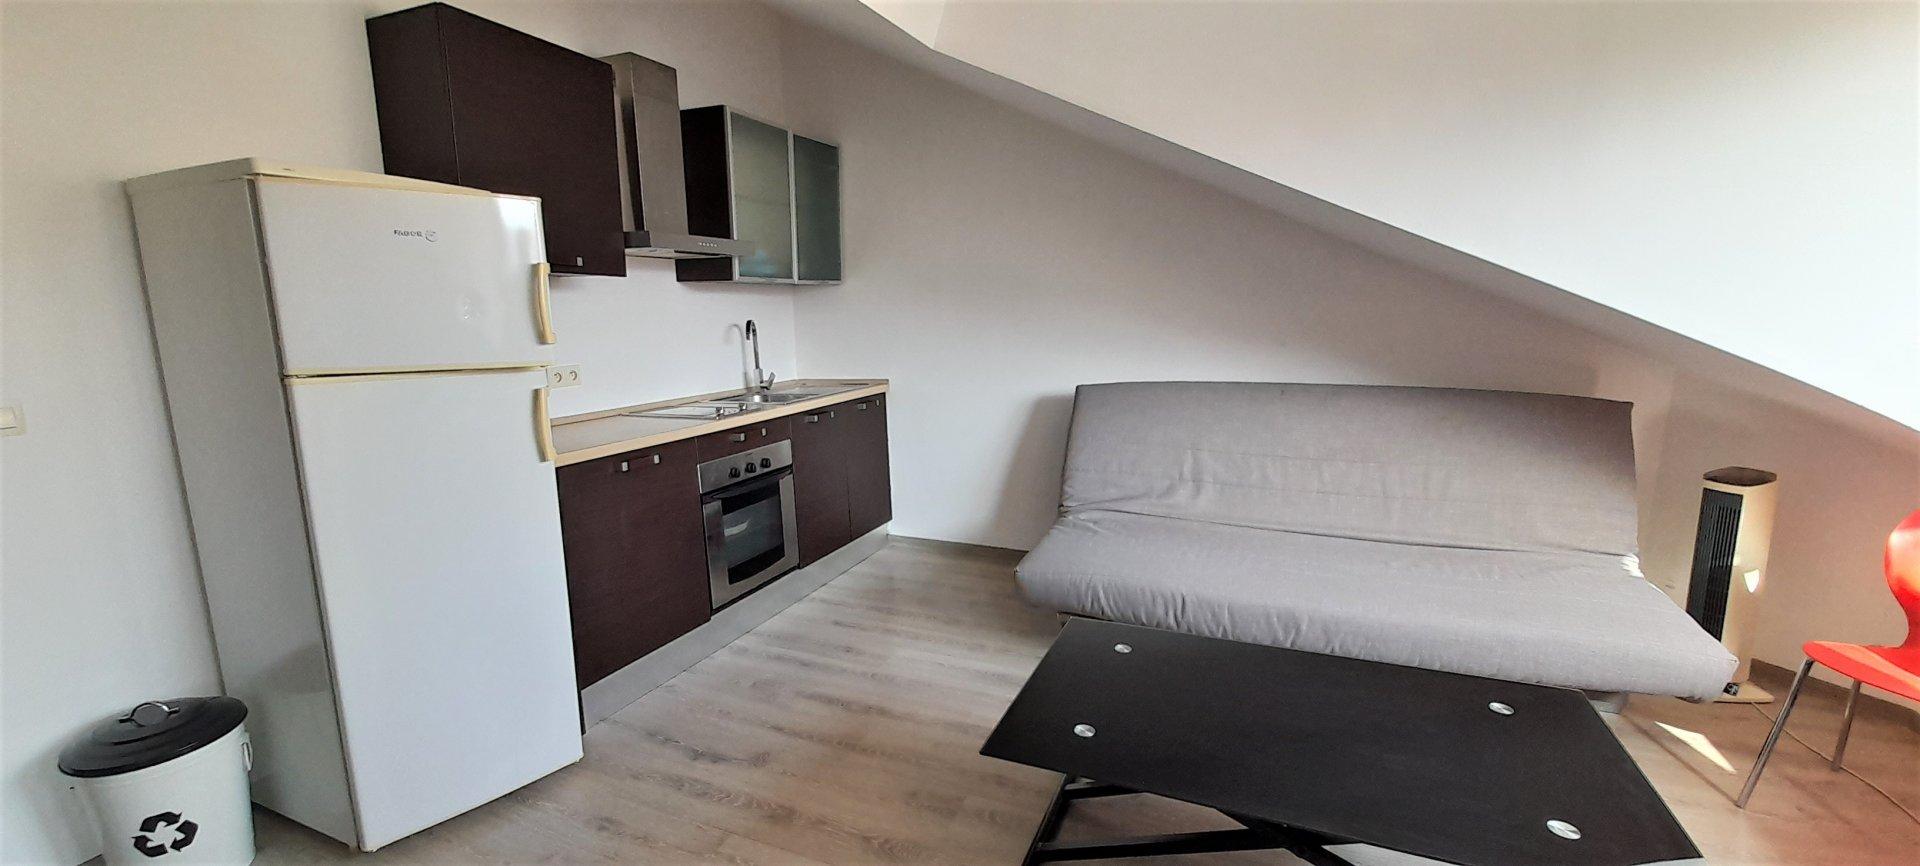 Affitto Appartamento - Nizza (Nice) Centre ville